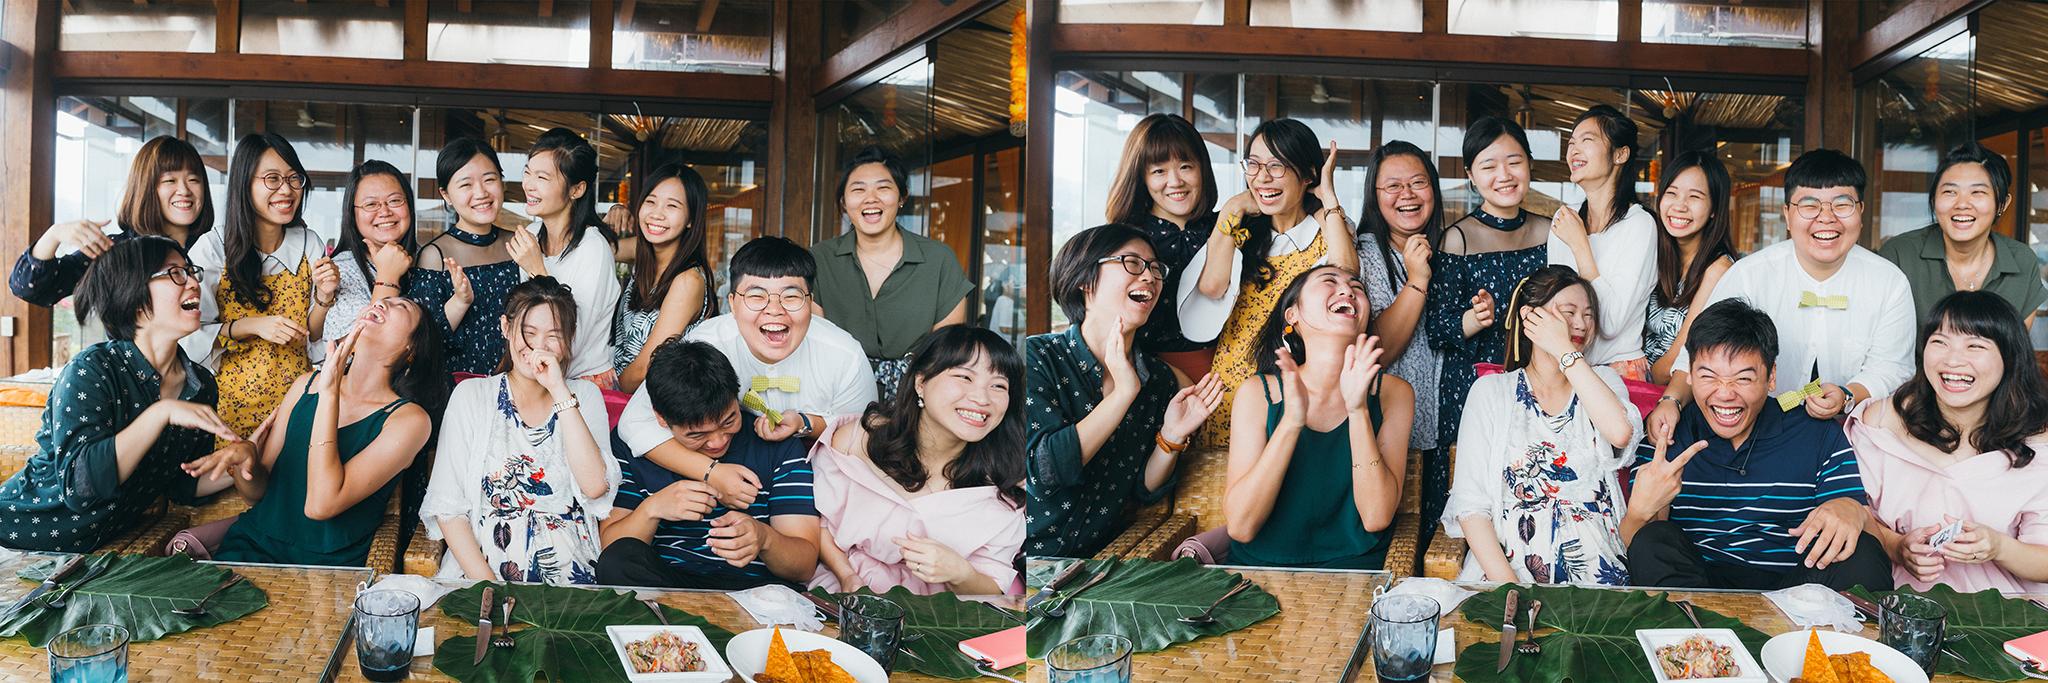 婚攝 Eric Yeh 孕婦寫真 寶寶寫真 獨立攝影師 Eric 獨立婚紗 自助婚紗 婚禮紀實 平面攝影 婚禮紀錄 海外婚紗 自主婚紗 婚禮攝影 婚禮記錄